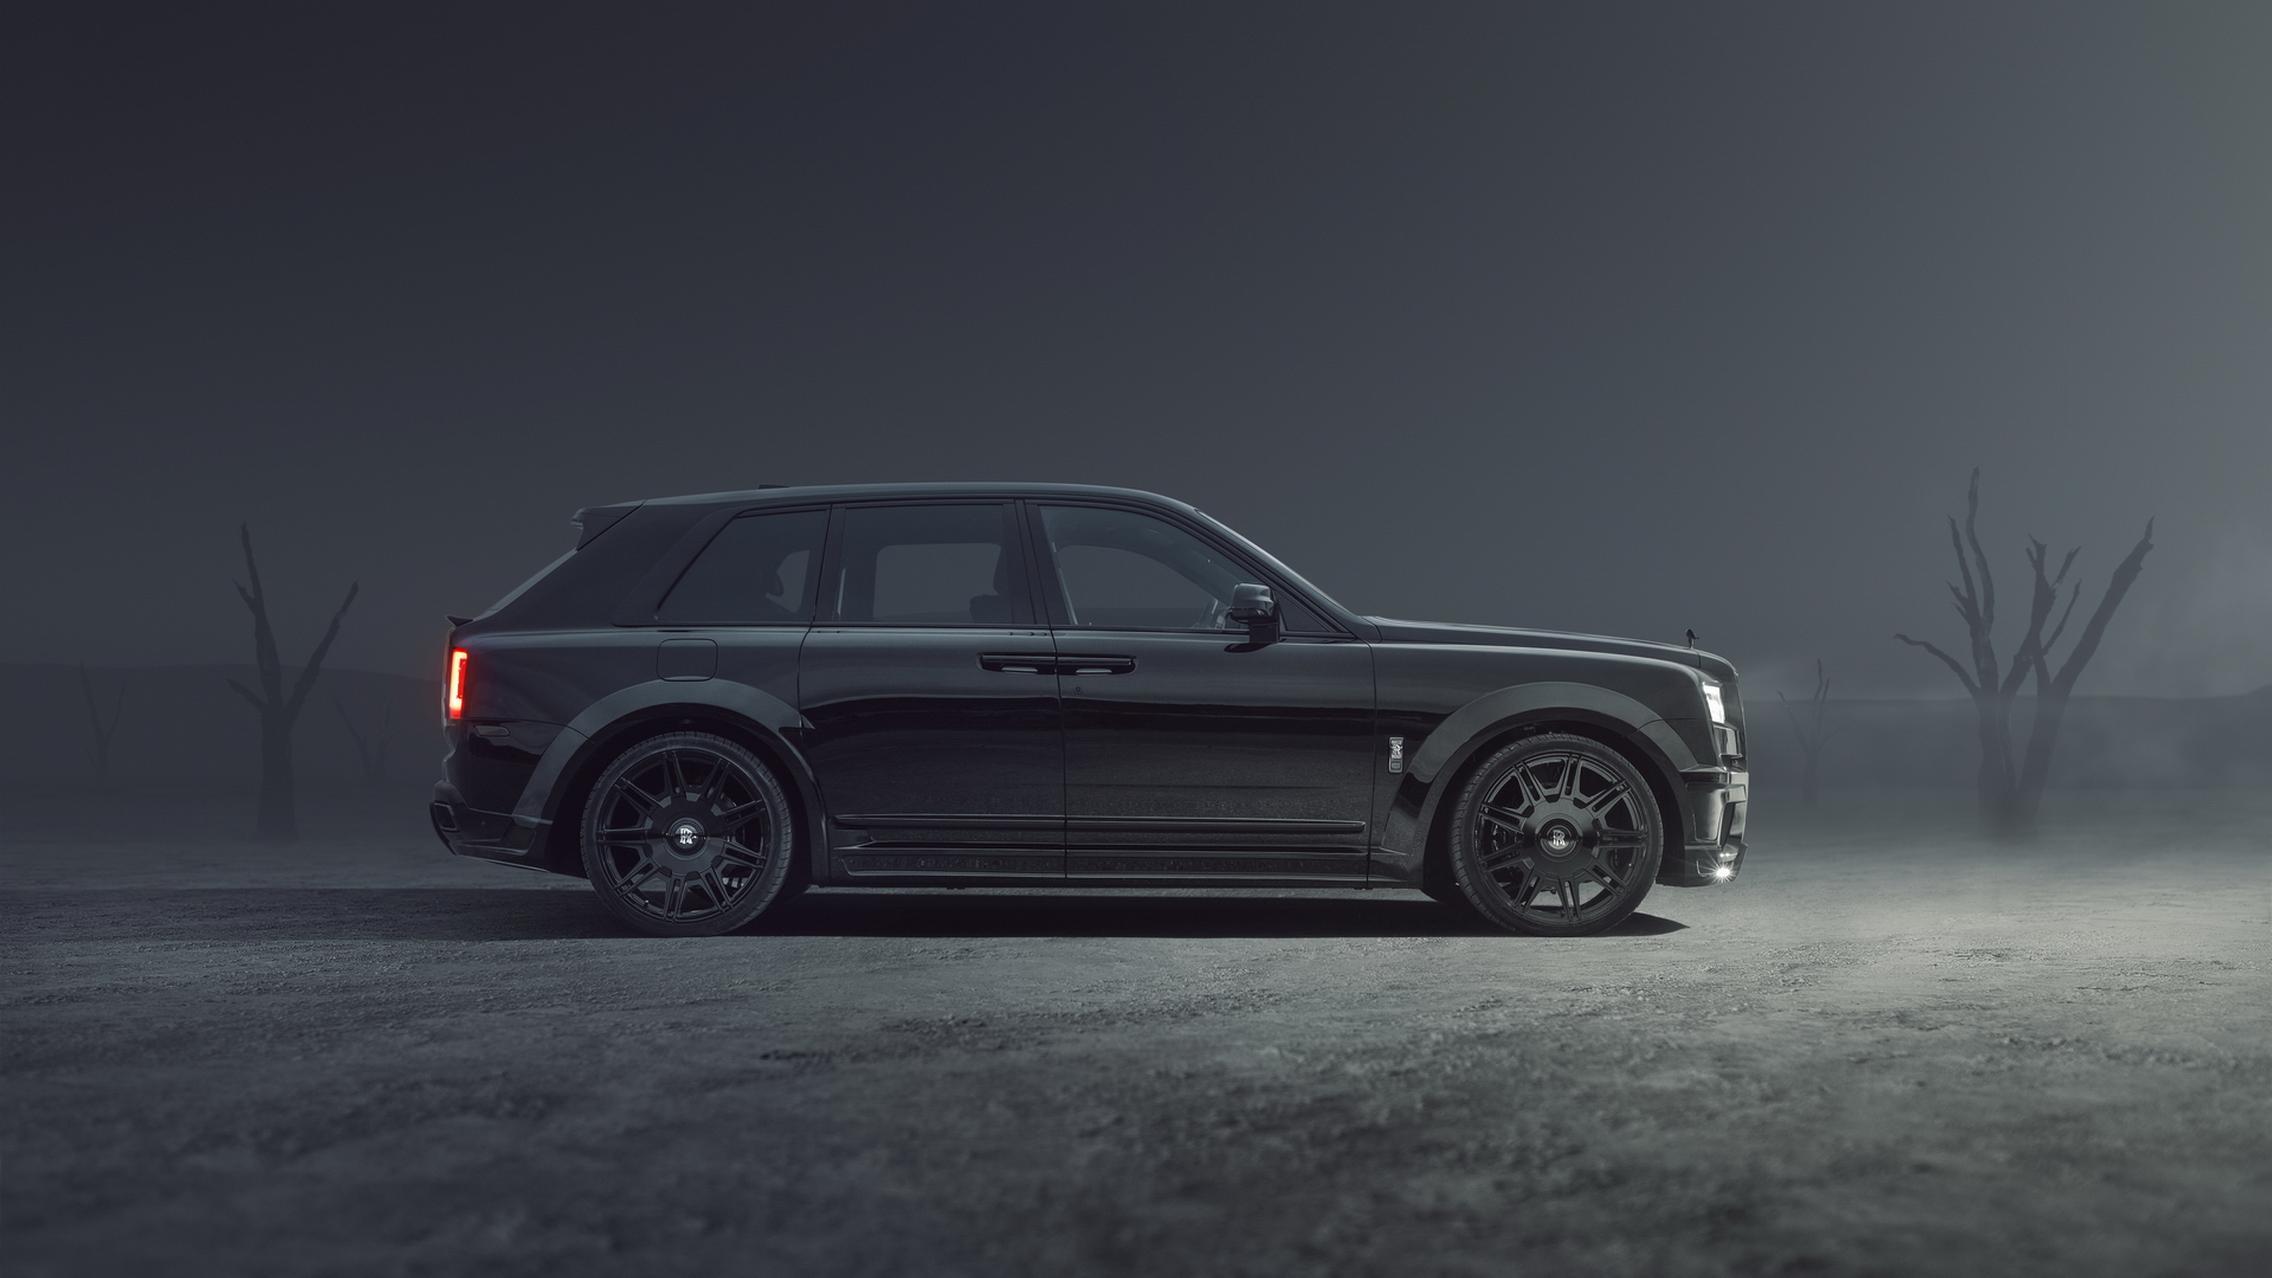 Black Rolls-Royce Cullinan